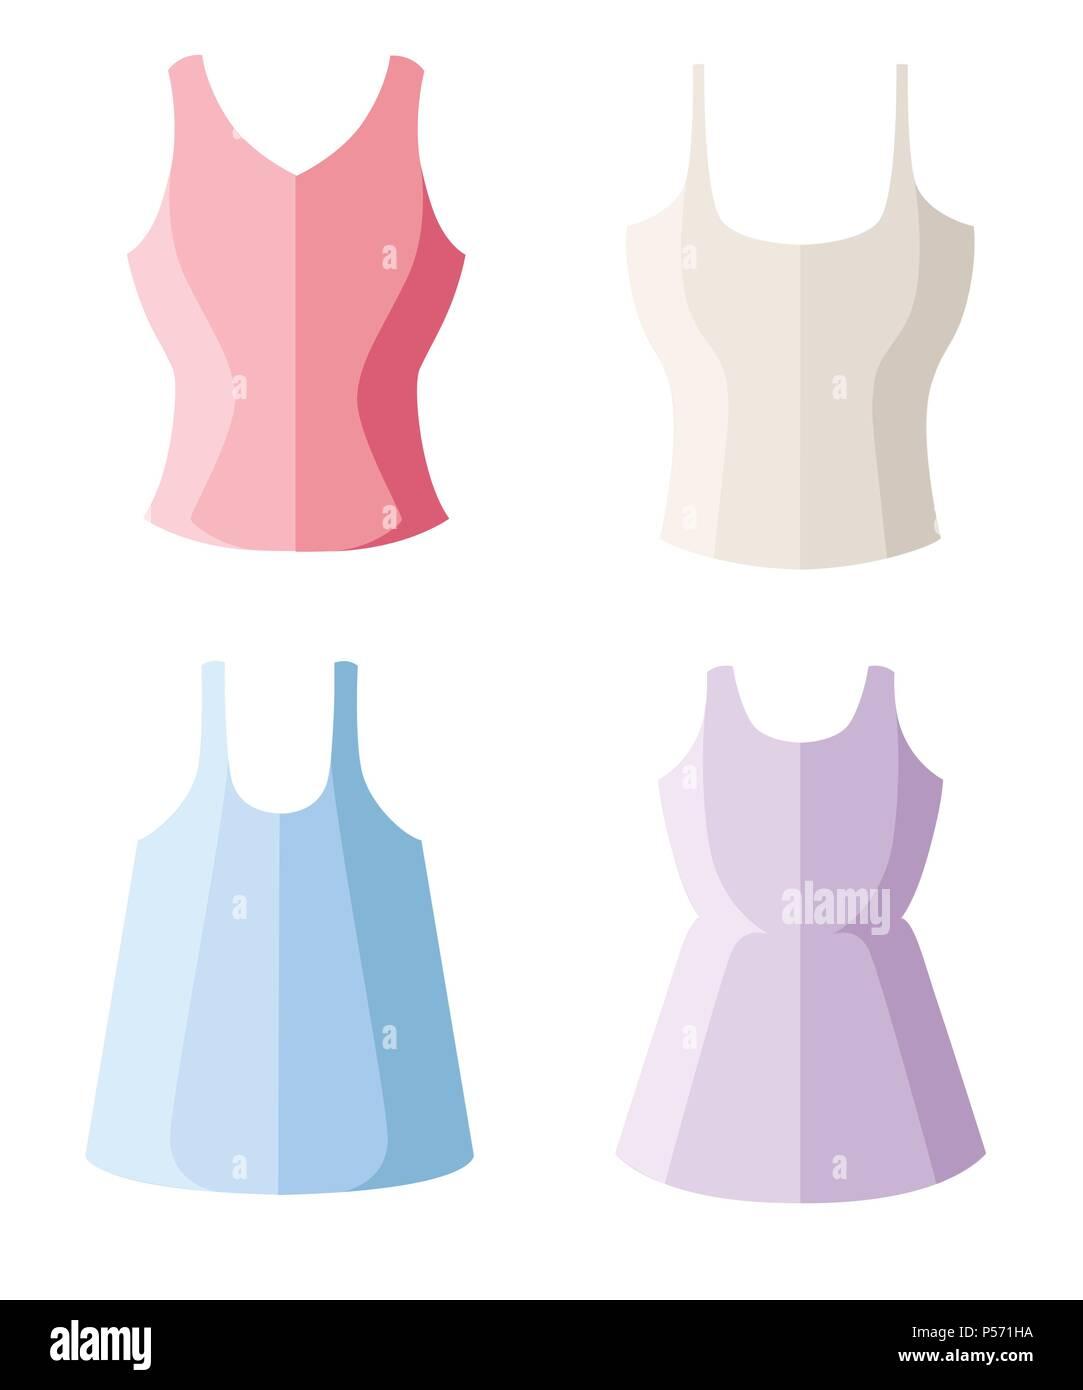 1ddaa01e1c Conjunto de cuatro mujeres tank top. Mujer ropa de verano. Ilustración  vectorial plano aislado